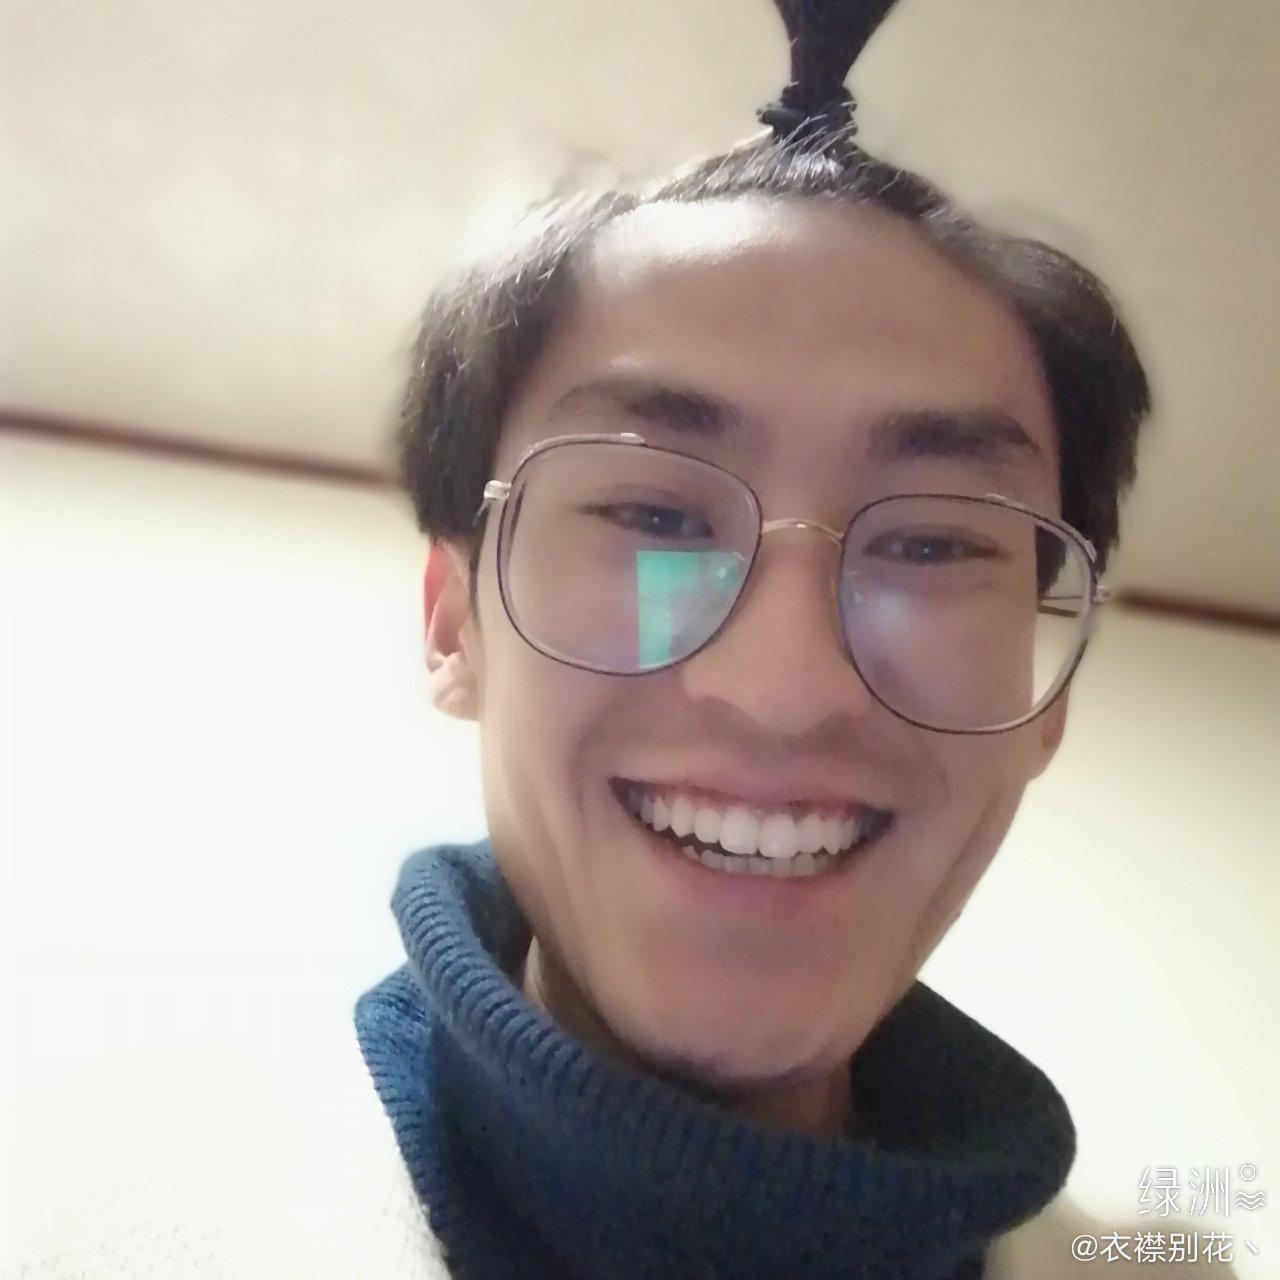 Giữa dịch Corona, các tín đồ làm đẹp bỗng leo lên top Weibo vì nỗi khổ tóc tai không tiệm cắt tóc nào thấu! - Ảnh 5.